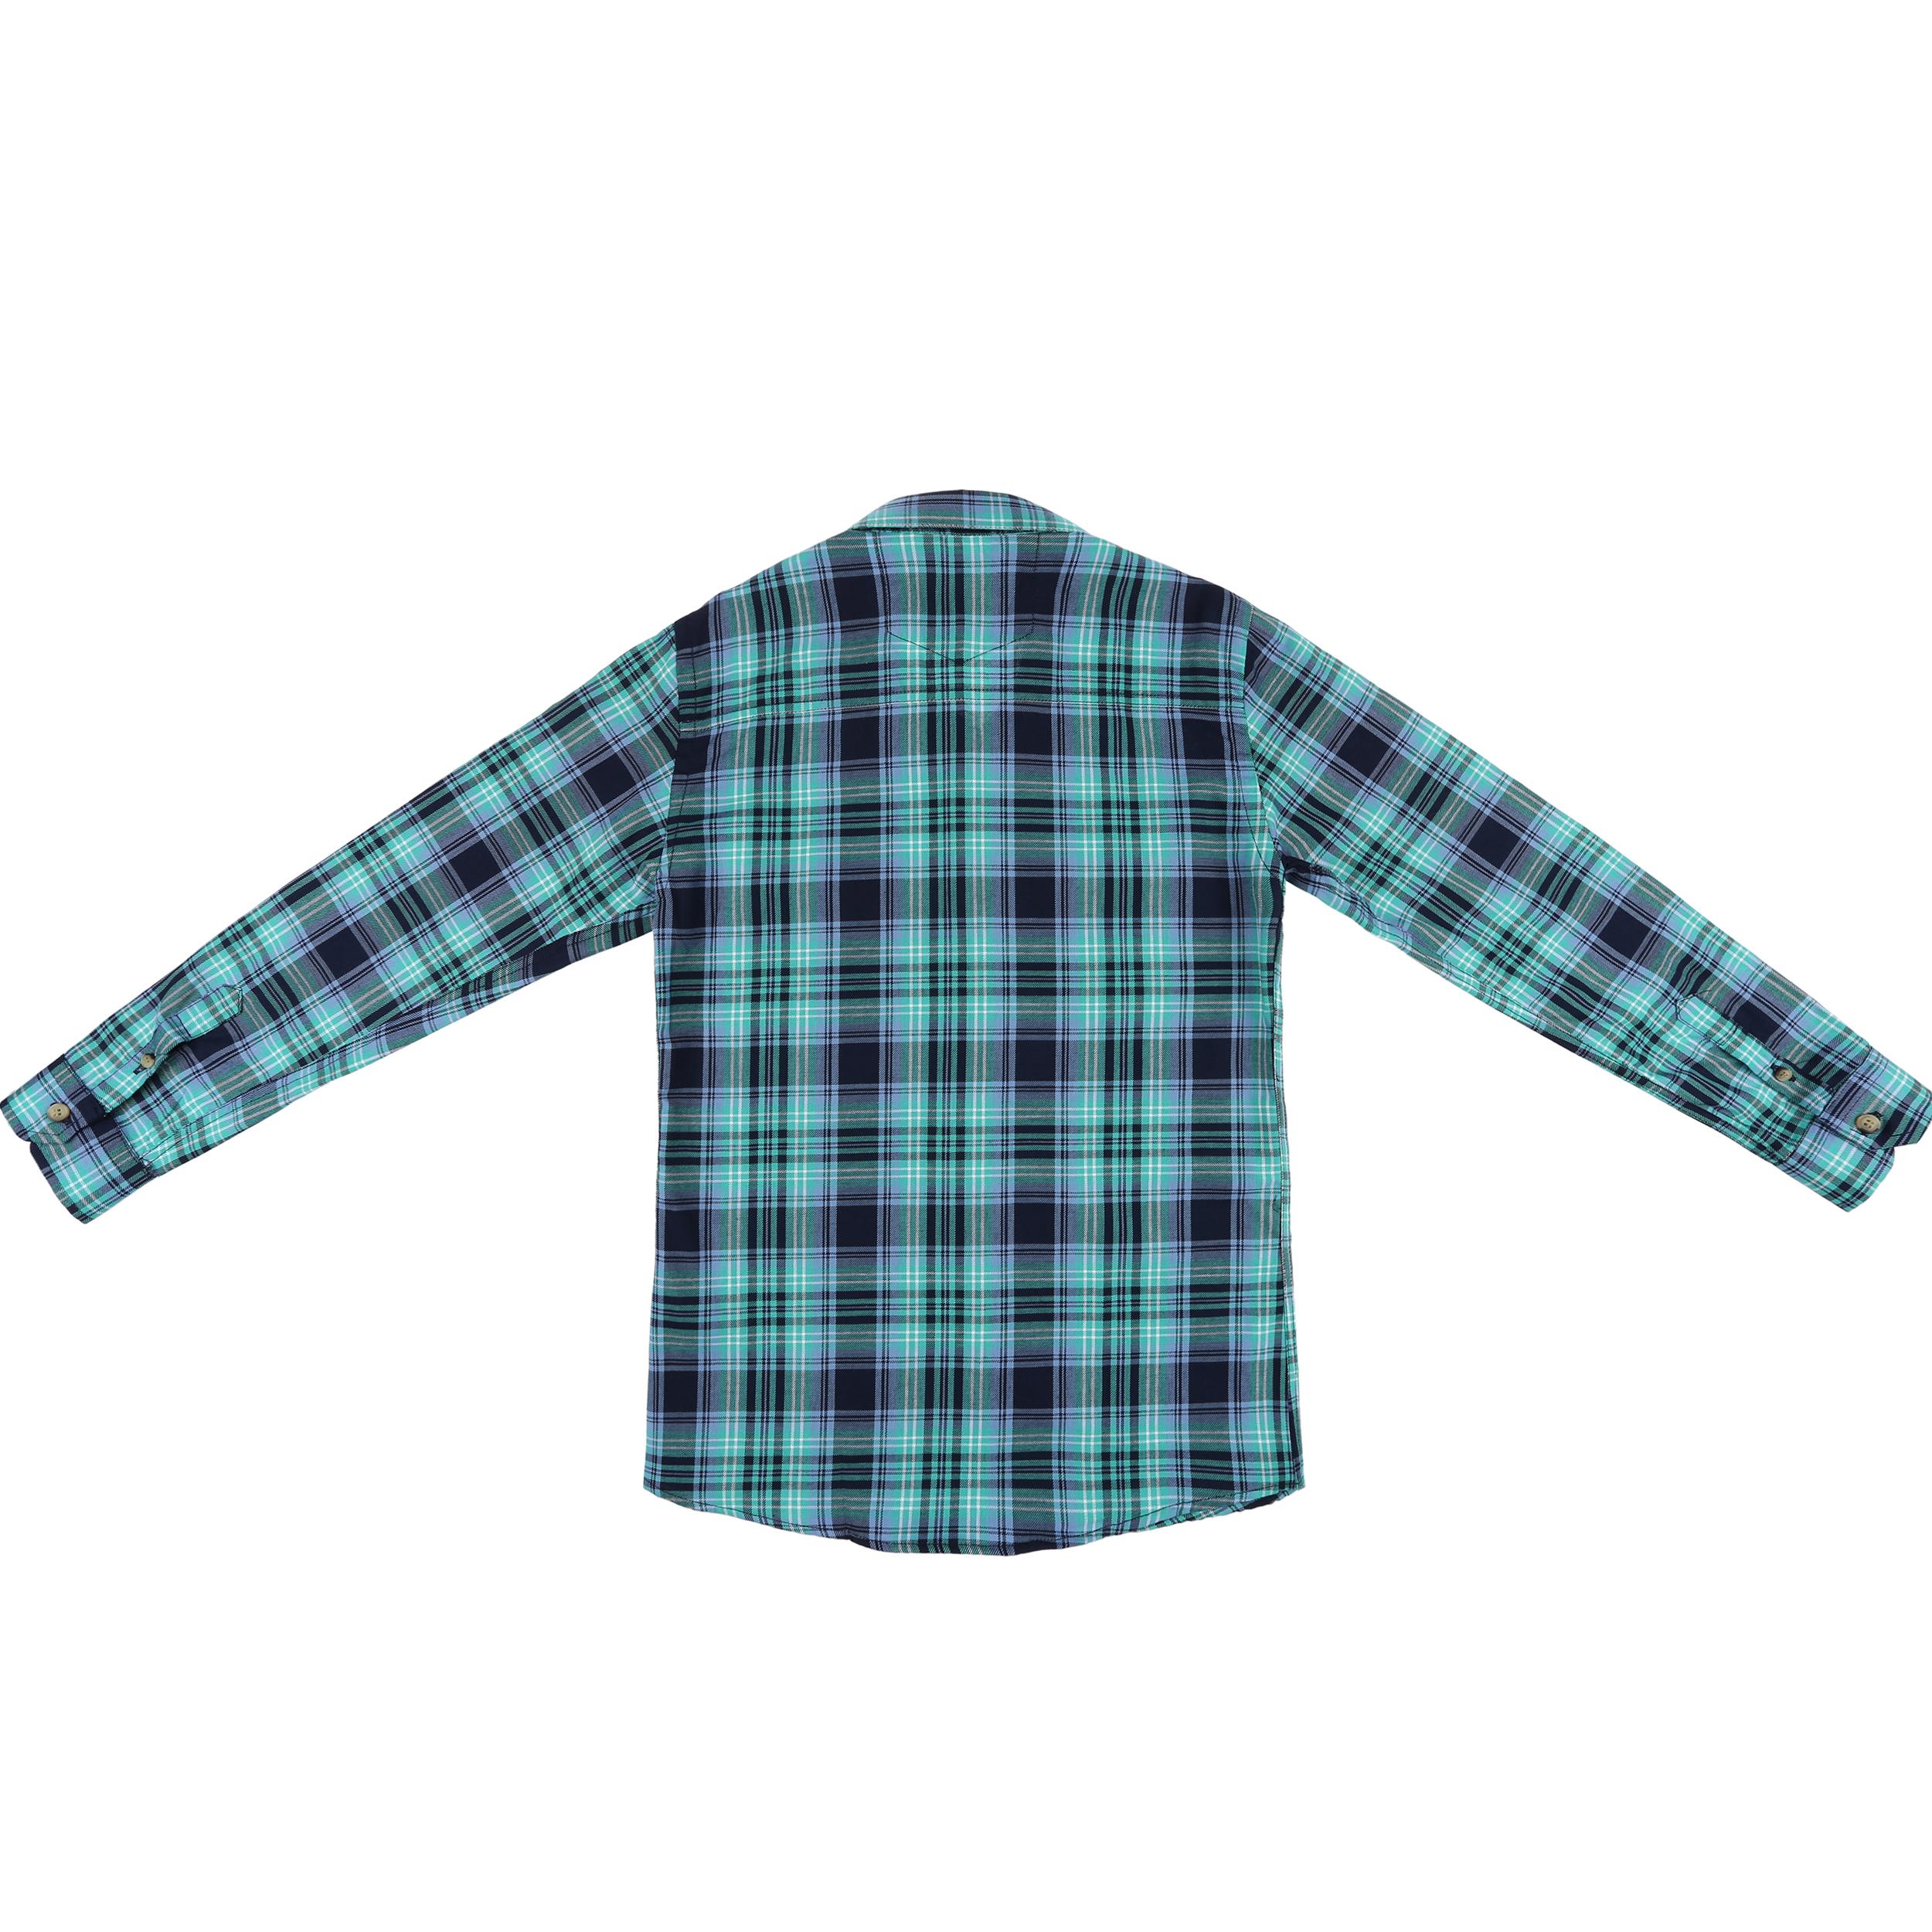 پیراهن پسرانه ناوالس کد R-20119-GN thumb 2